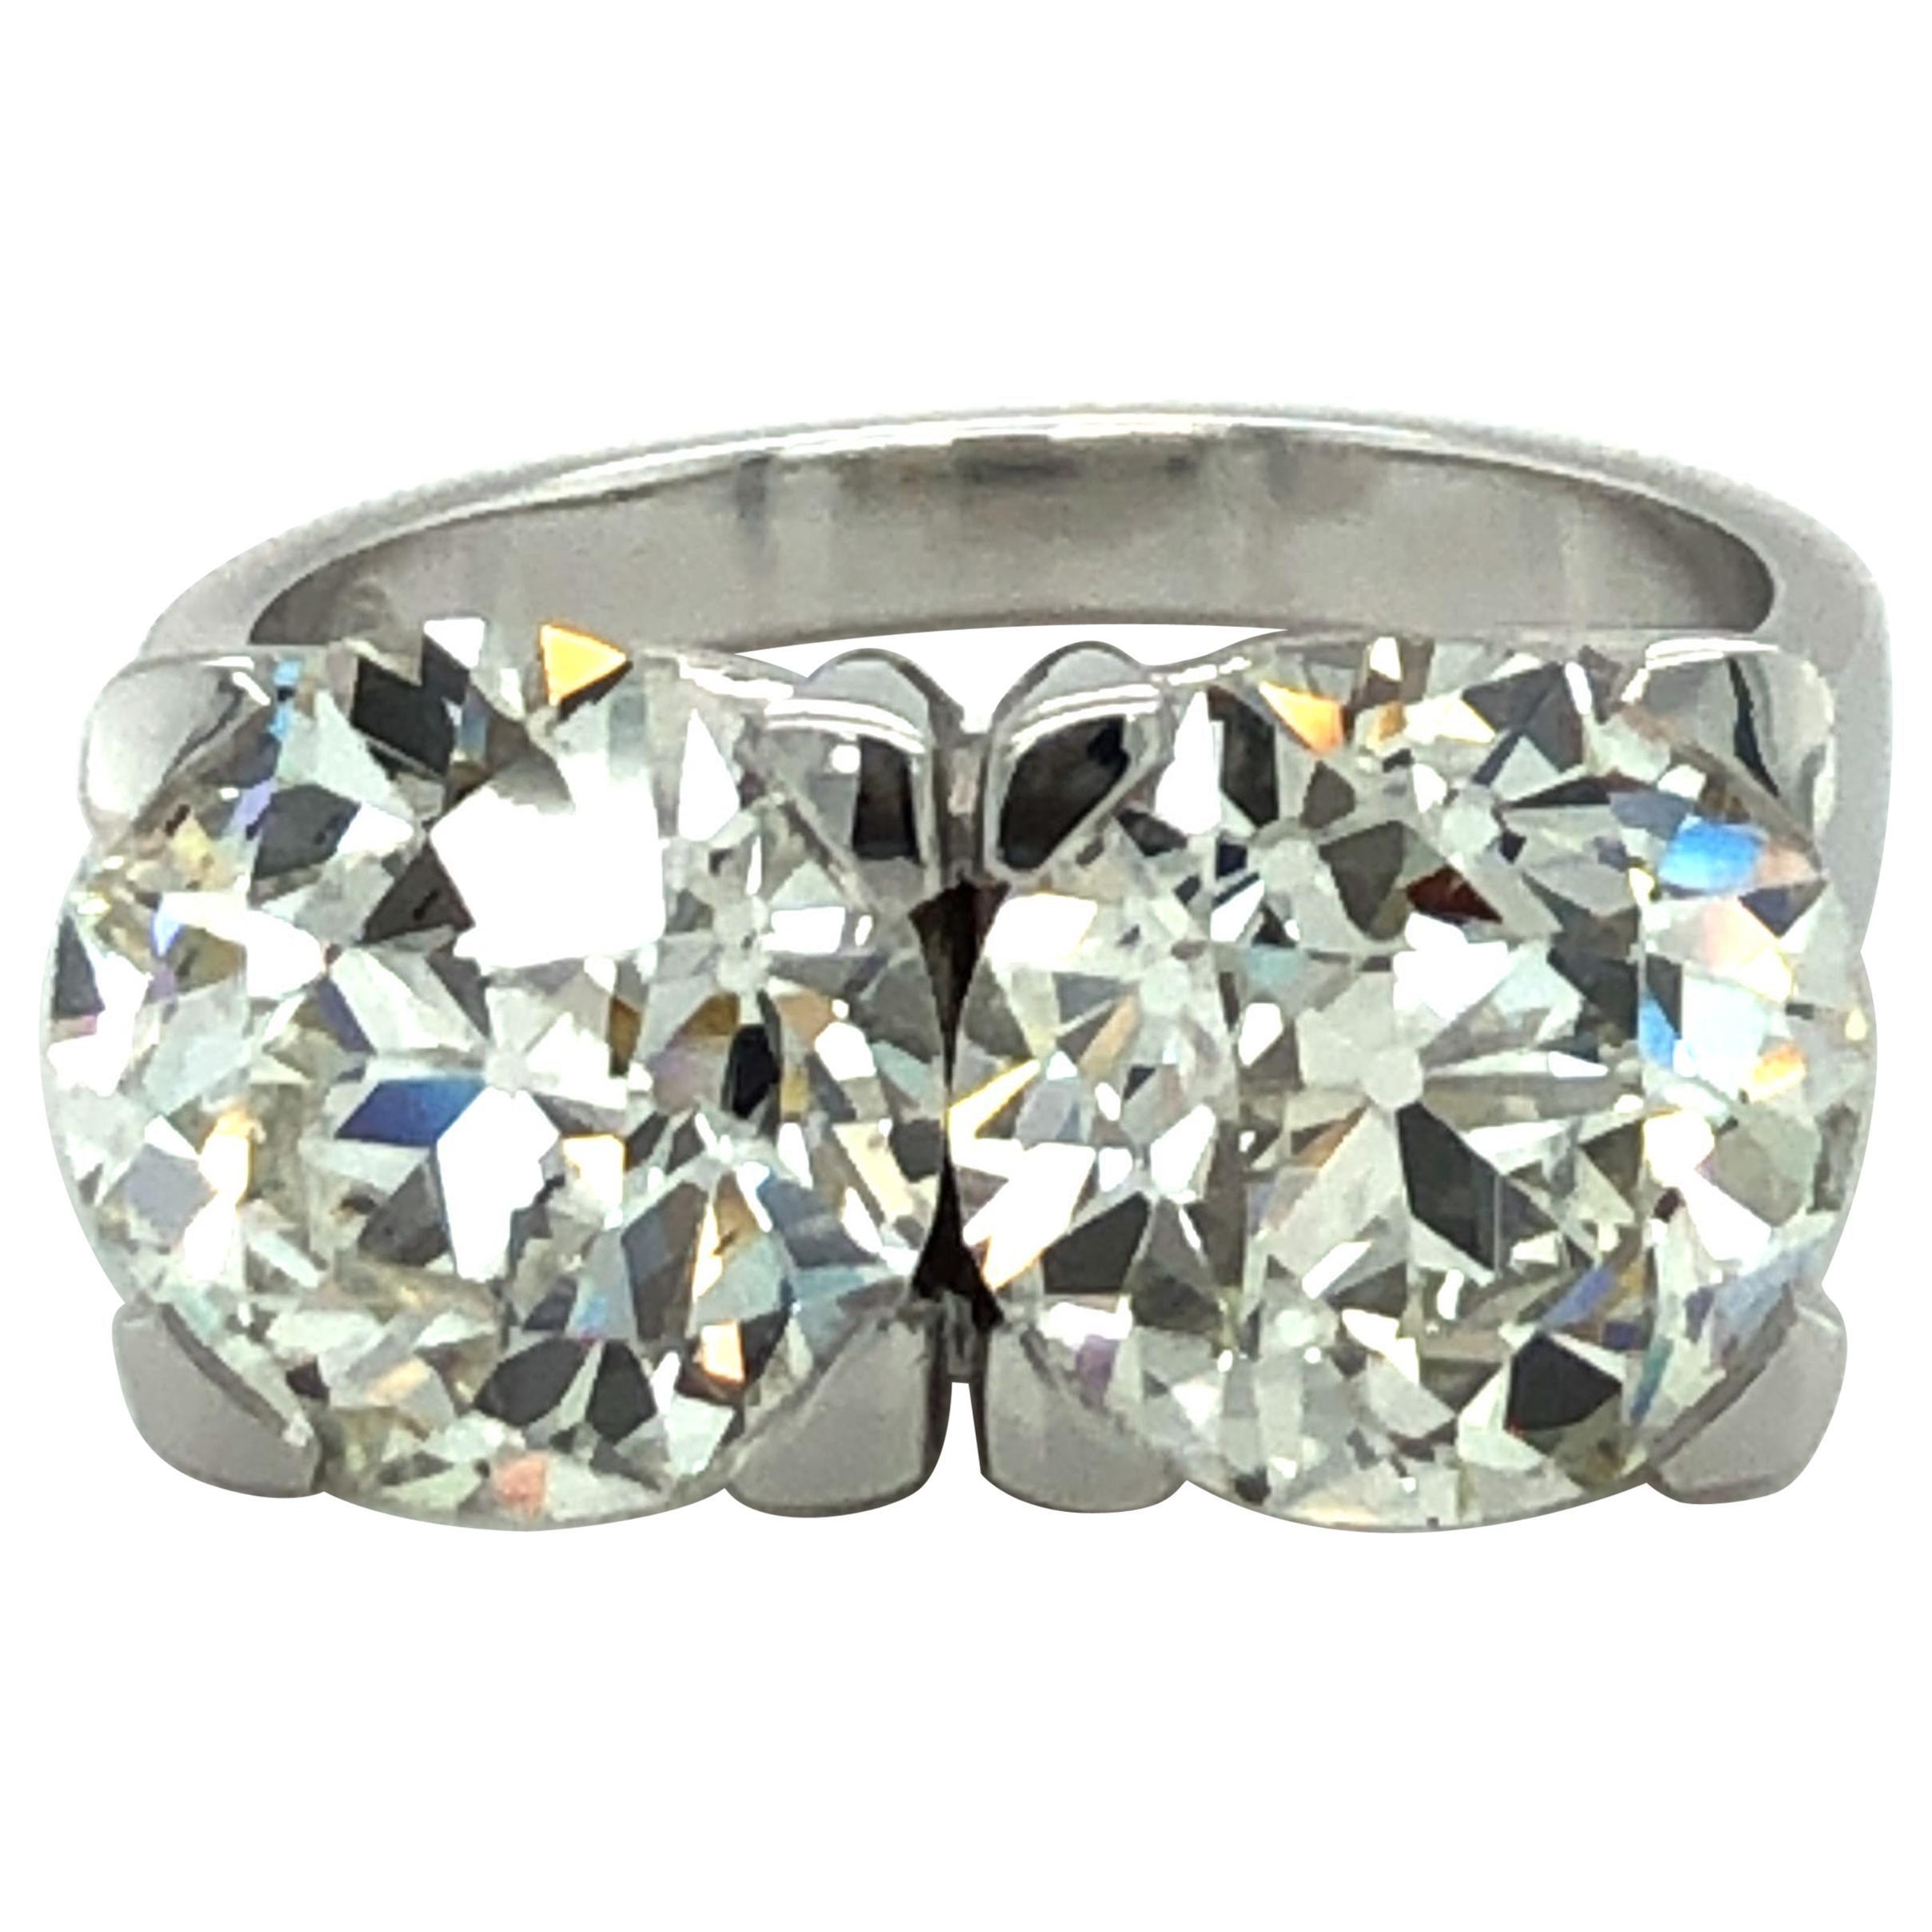 3.09 Carat and 3.11 Ct Old European Cut Diamond Toi Et Moi Ring in 18 Karat Gold